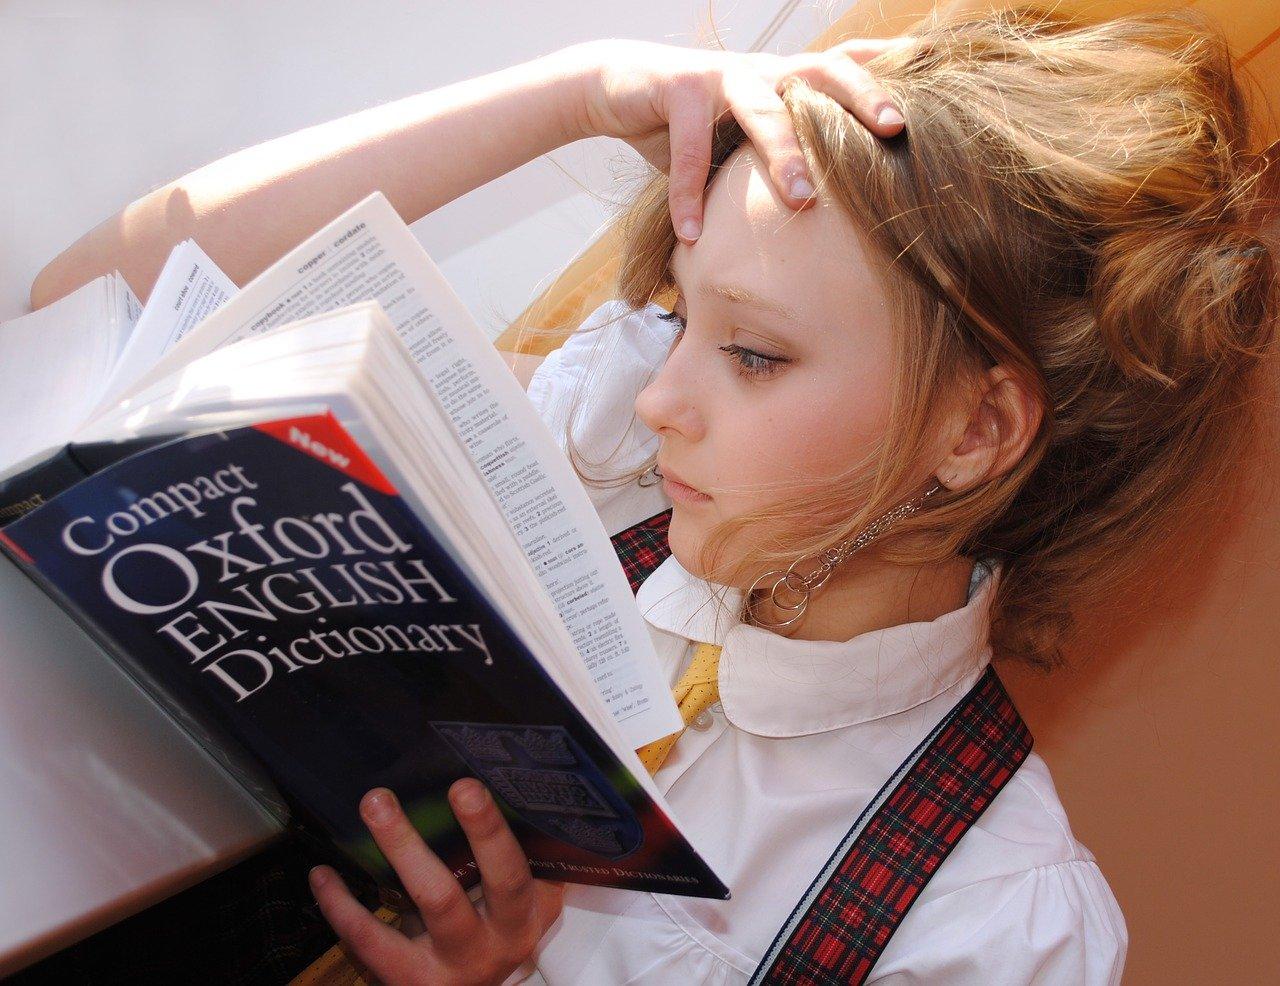 Mädchen Cambridge Englisch